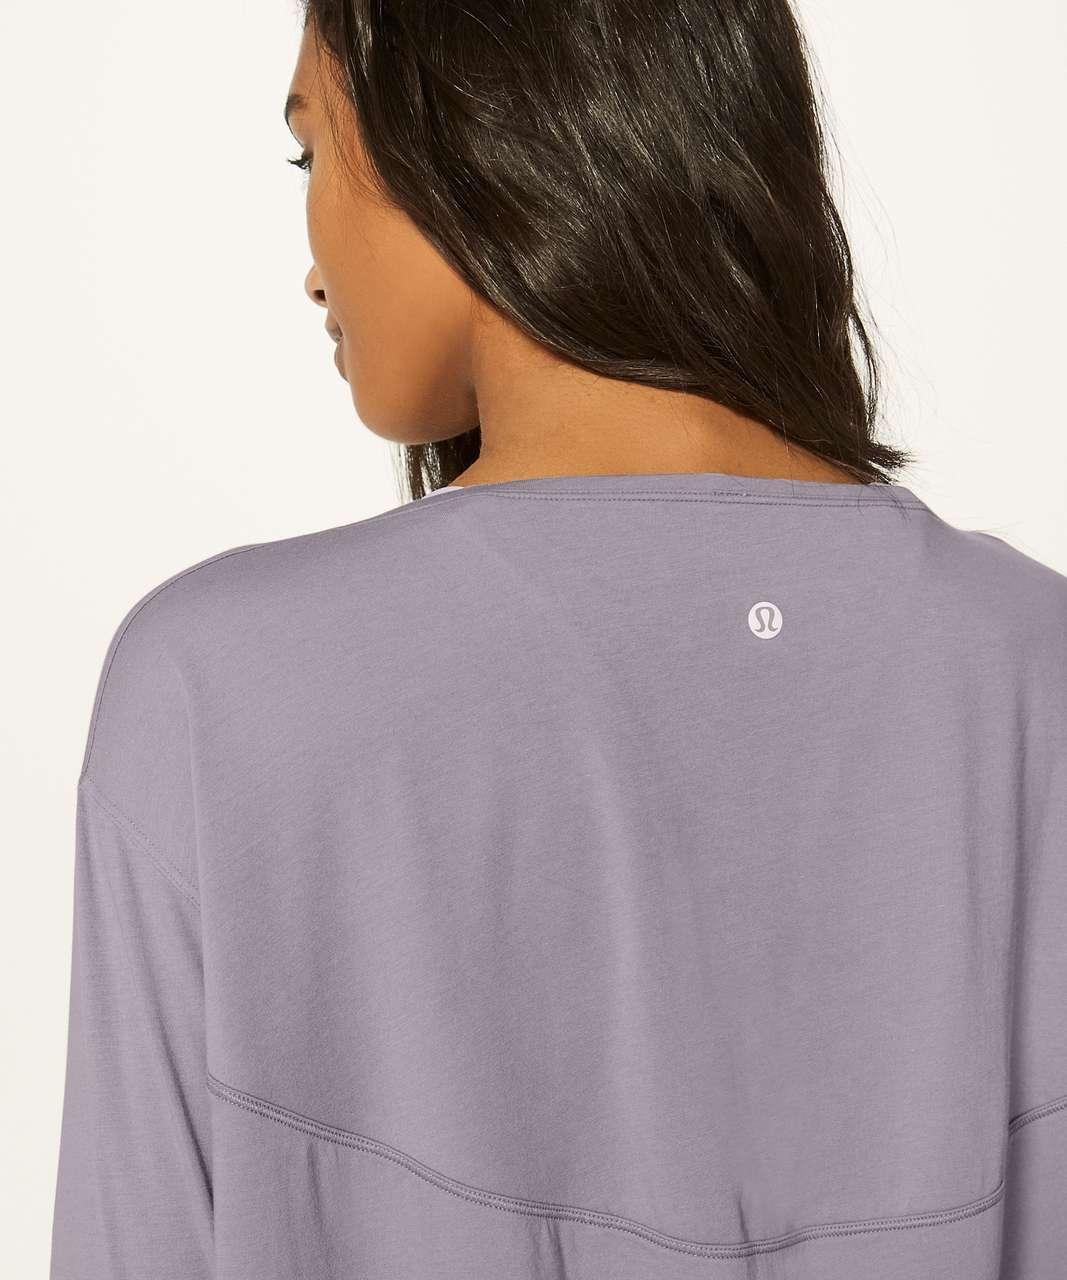 Lululemon Back In Action Long Sleeve - Lavender Grey